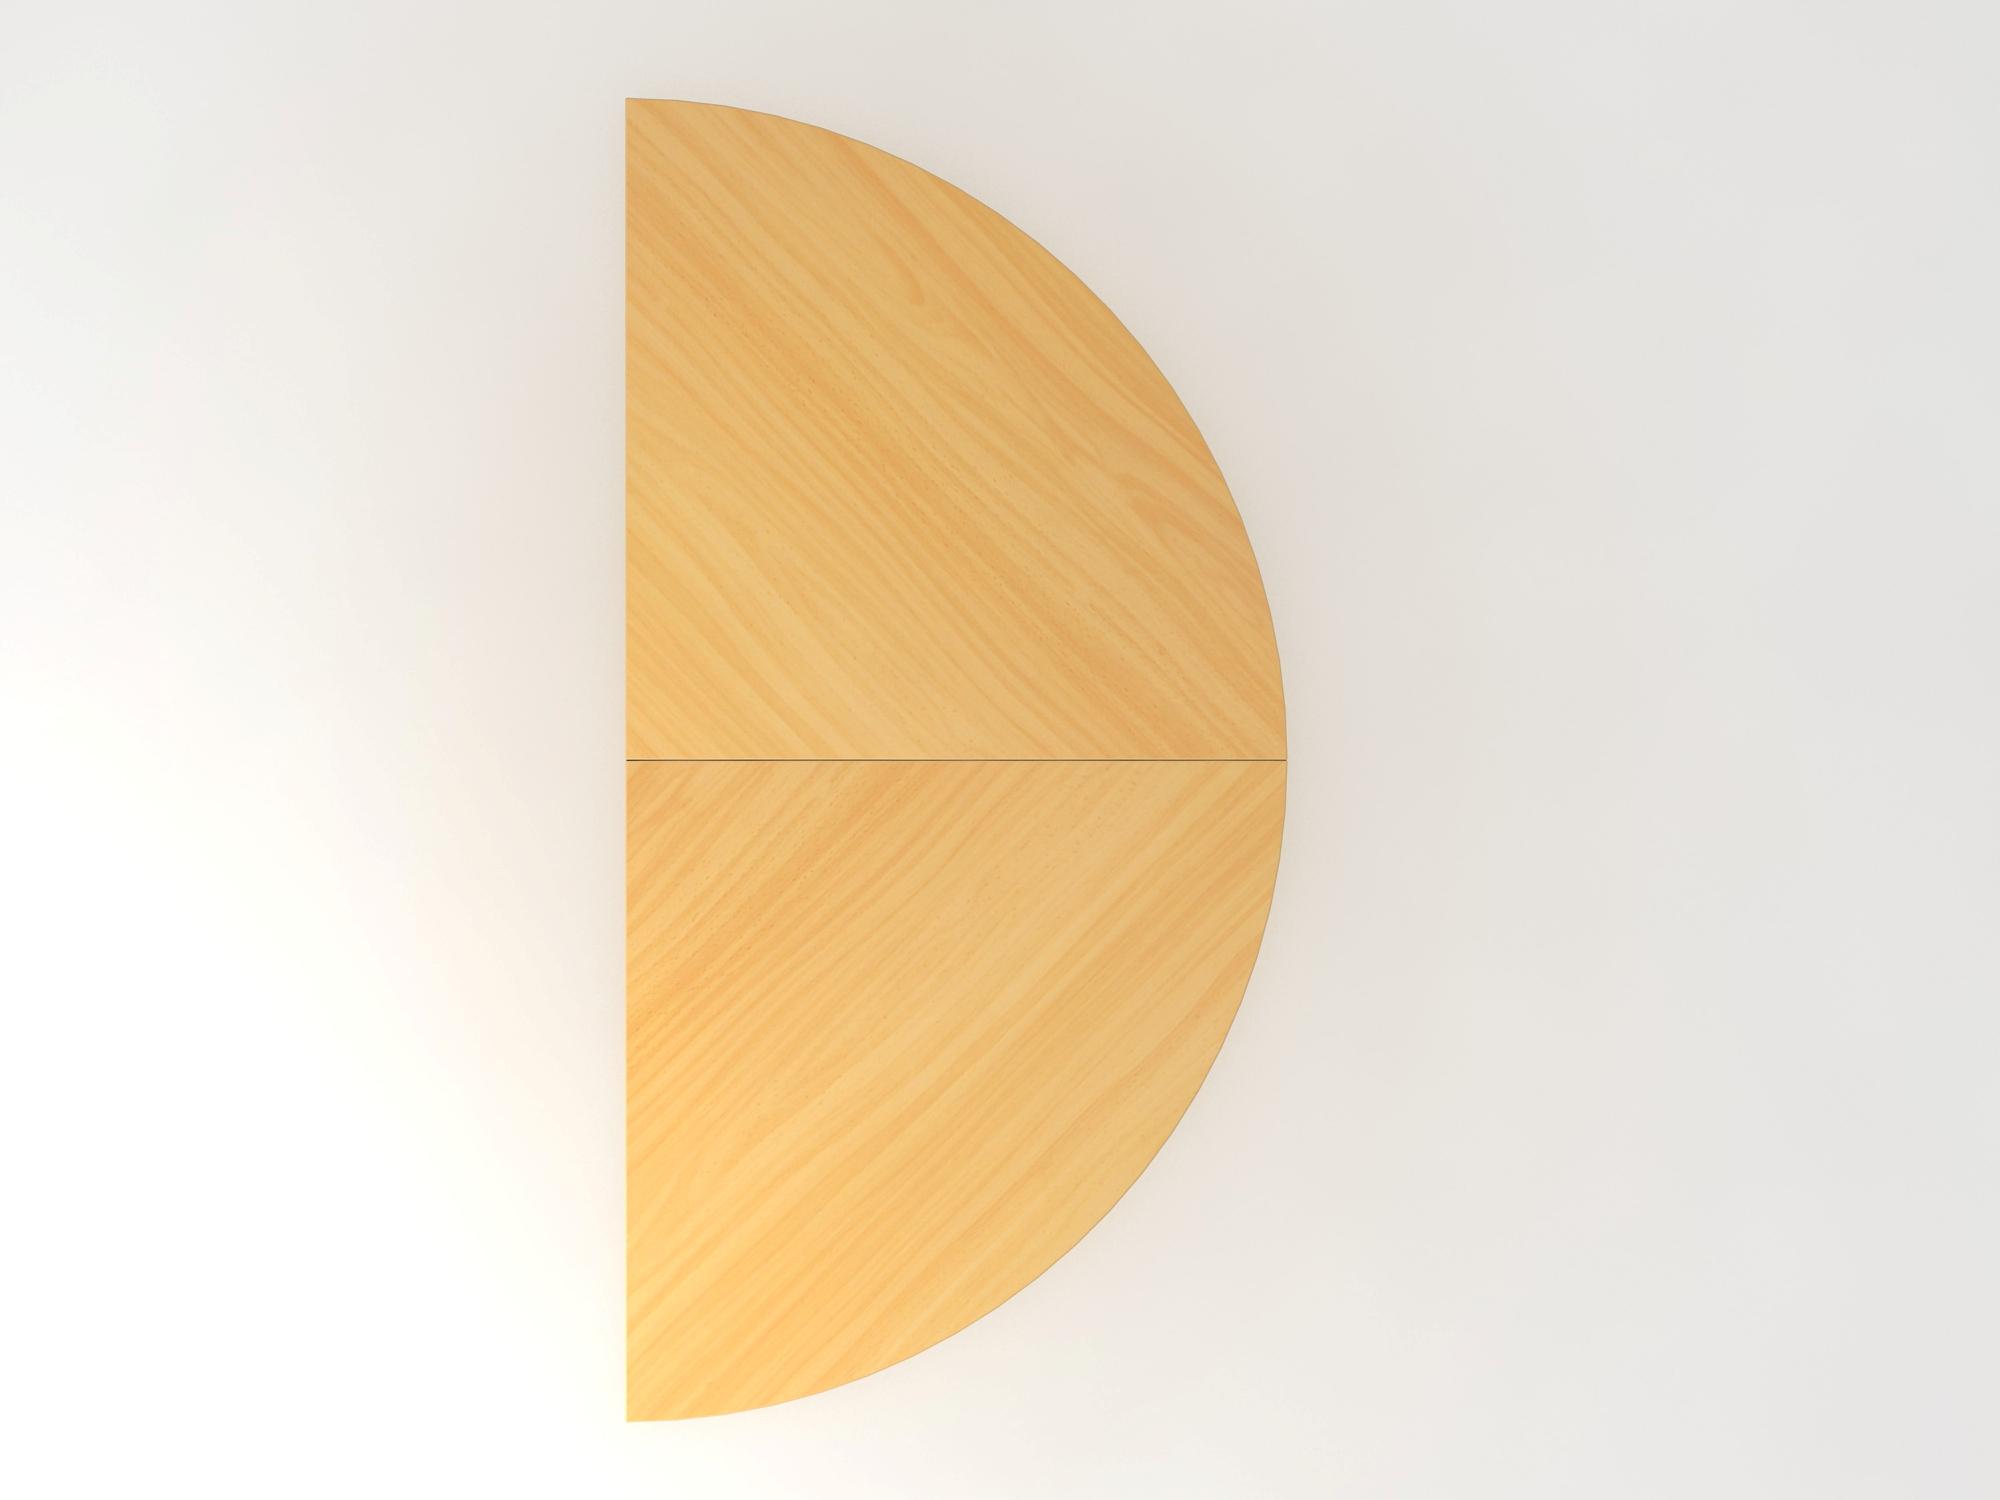 Anbautisch 2xViertelkreis/STF Buche/Graphit